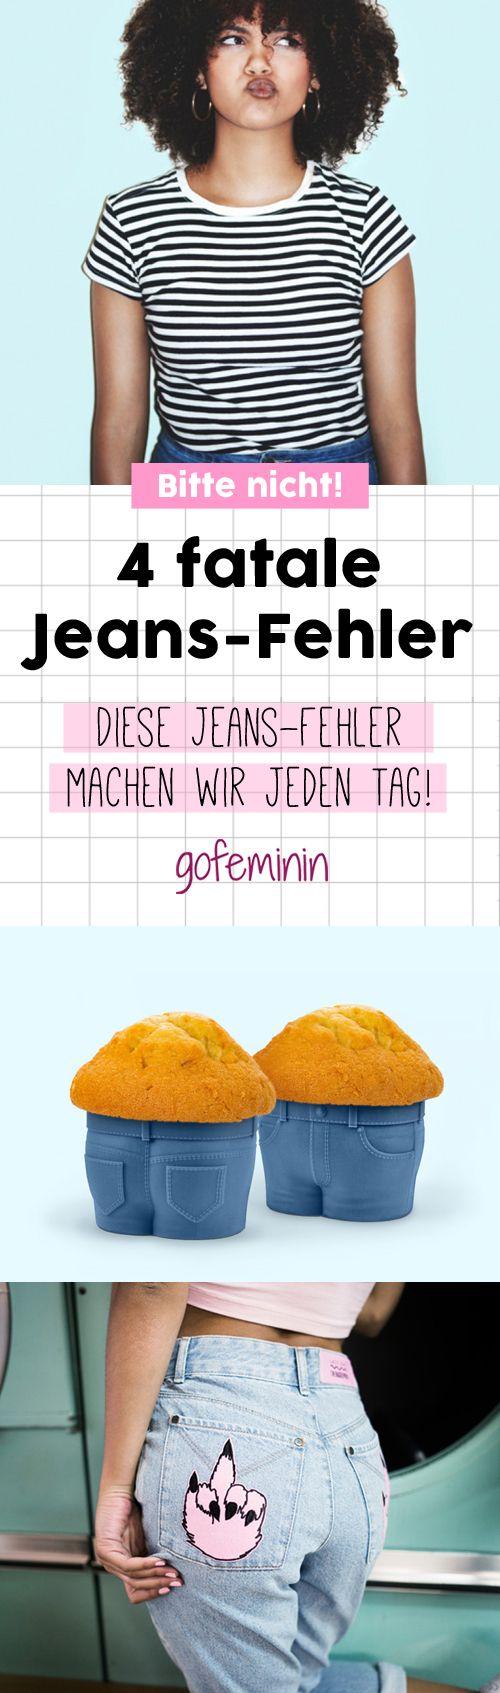 Wetten, dass ihr mindestens einen dieser Jeans-Fehler jeden Tag macht?!